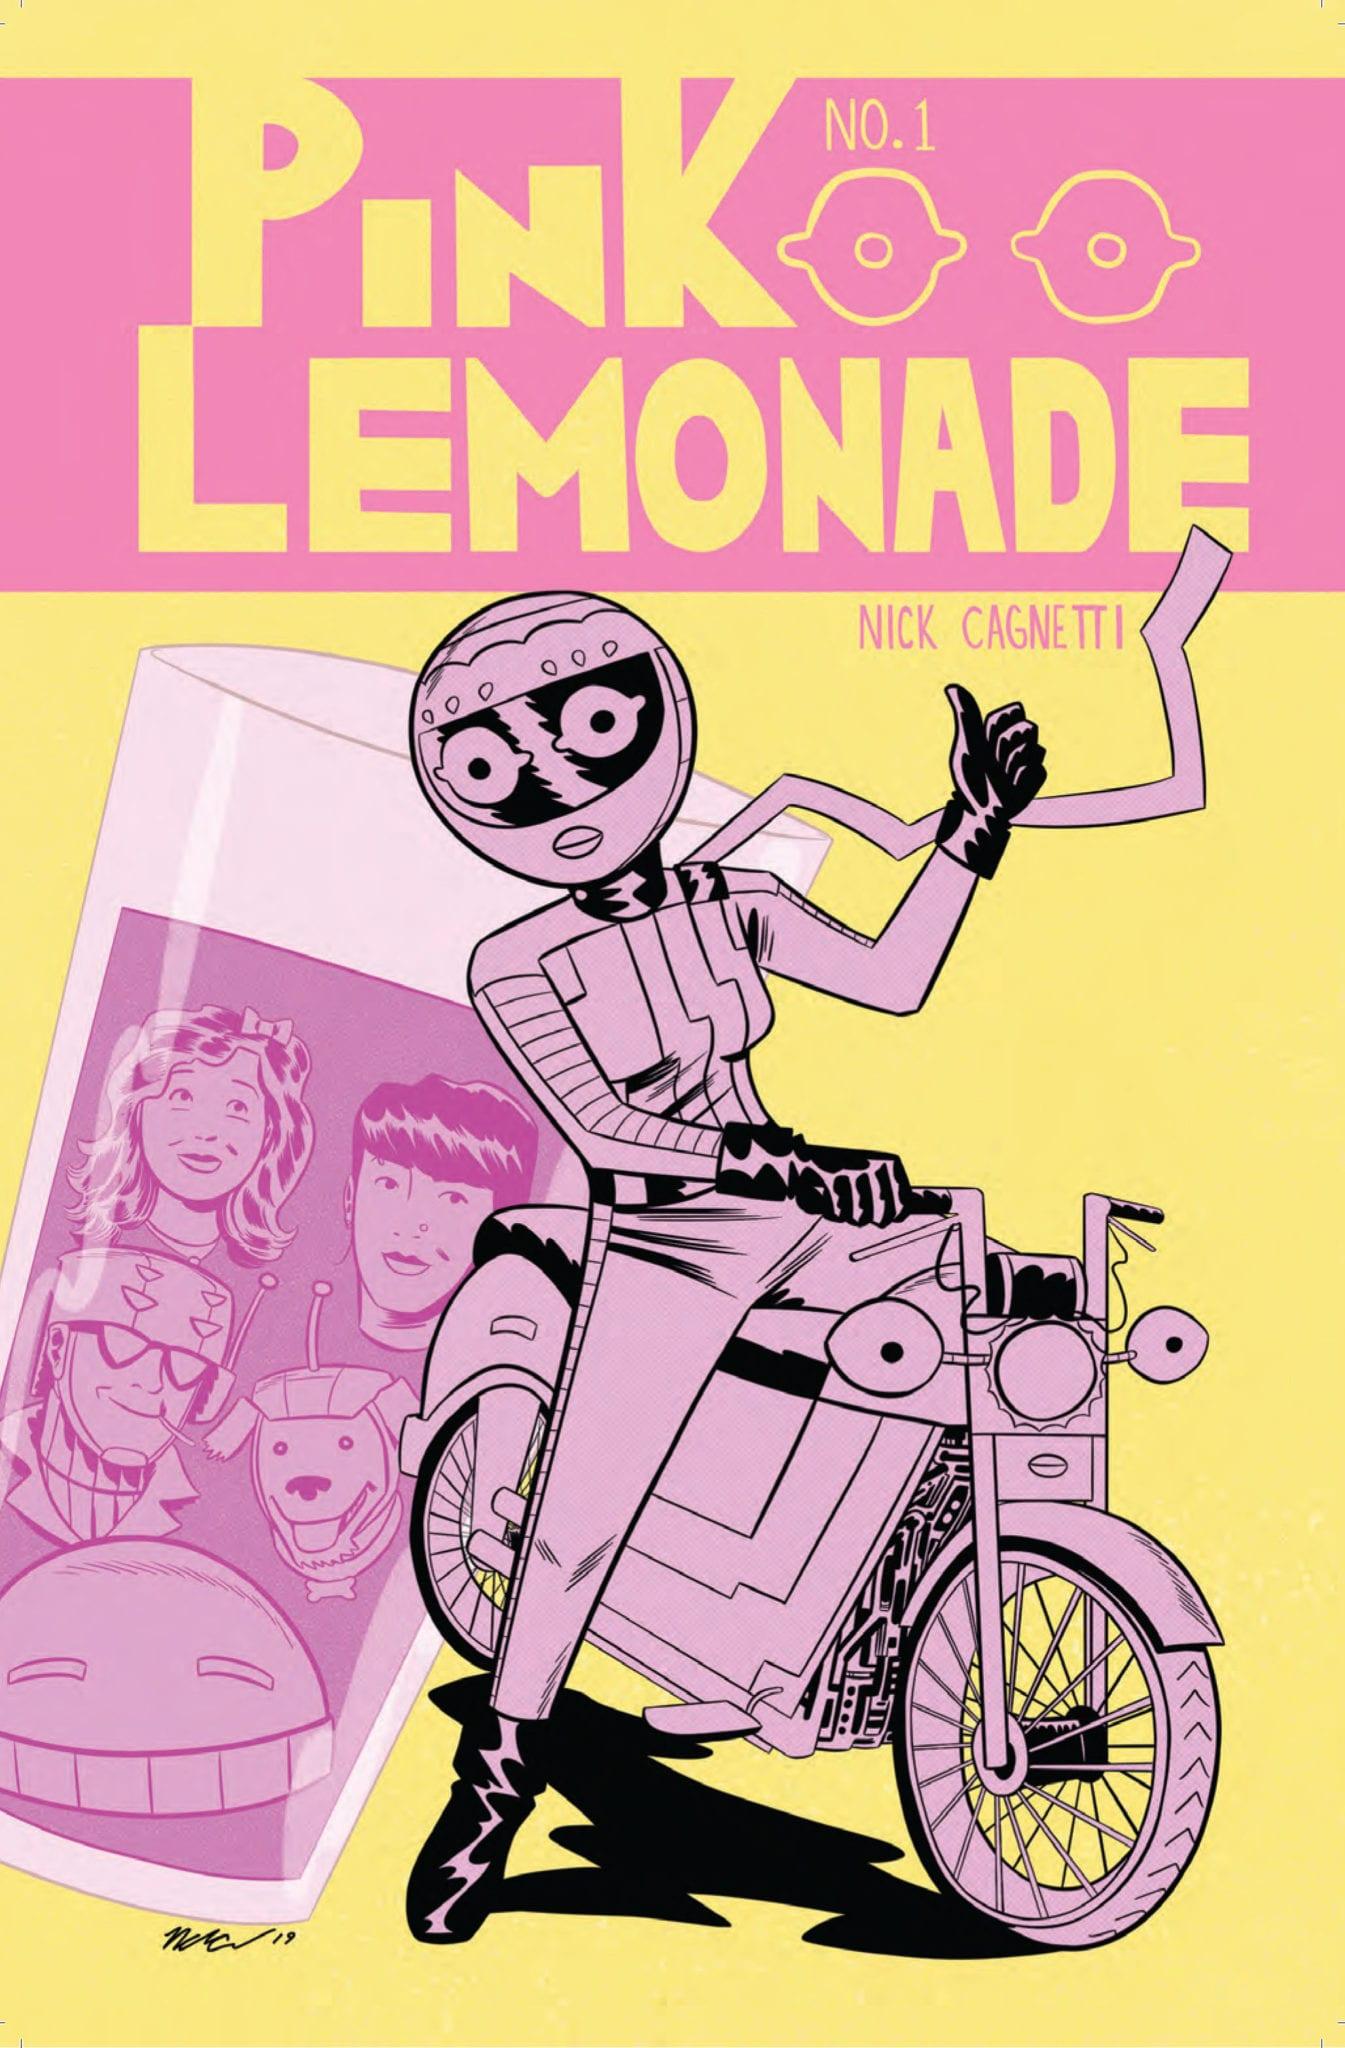 PINK LEMONADE # 1 COVER